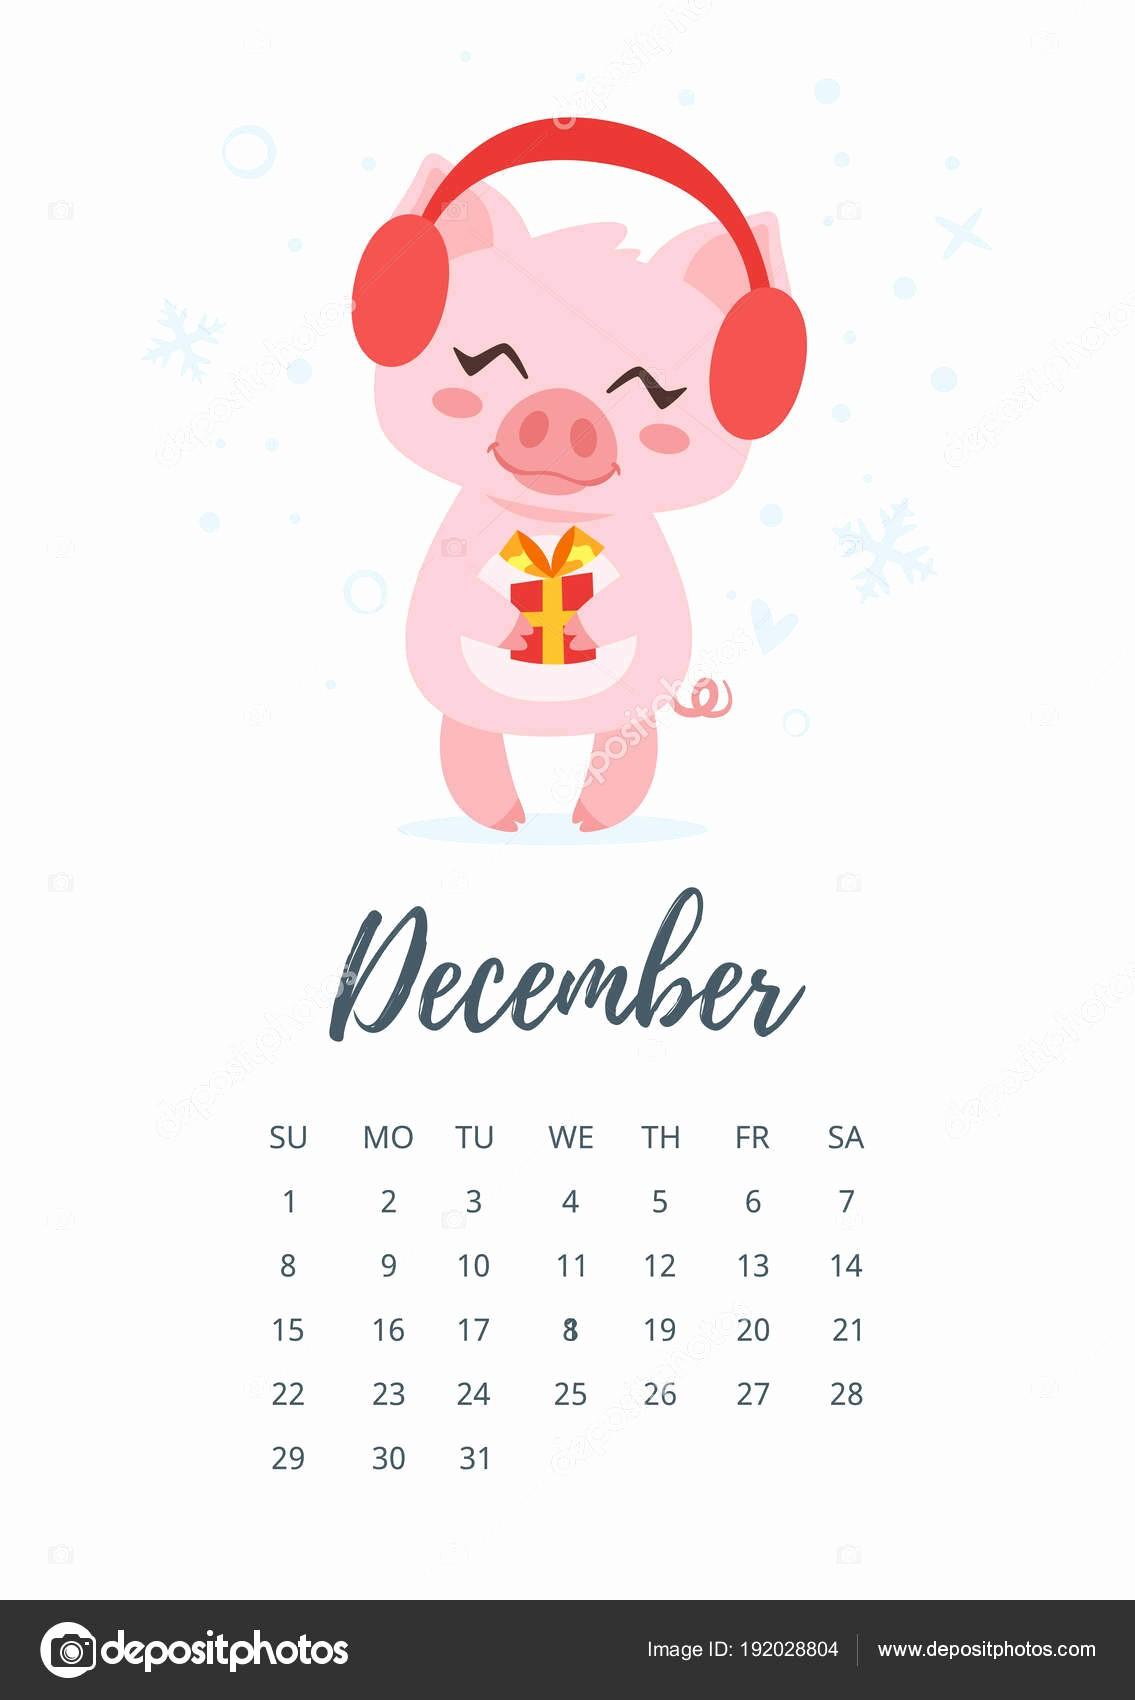 Calendario Febrero 2019 Minimalista Más Reciente Estaciones Del A±o Fechas 2019 Colorata 2017 Del Calendario Con I Of Calendario Febrero 2019 Minimalista Recientes Calendario De Ejercicios En Casa 2019 Calendario Escolar 2018 19